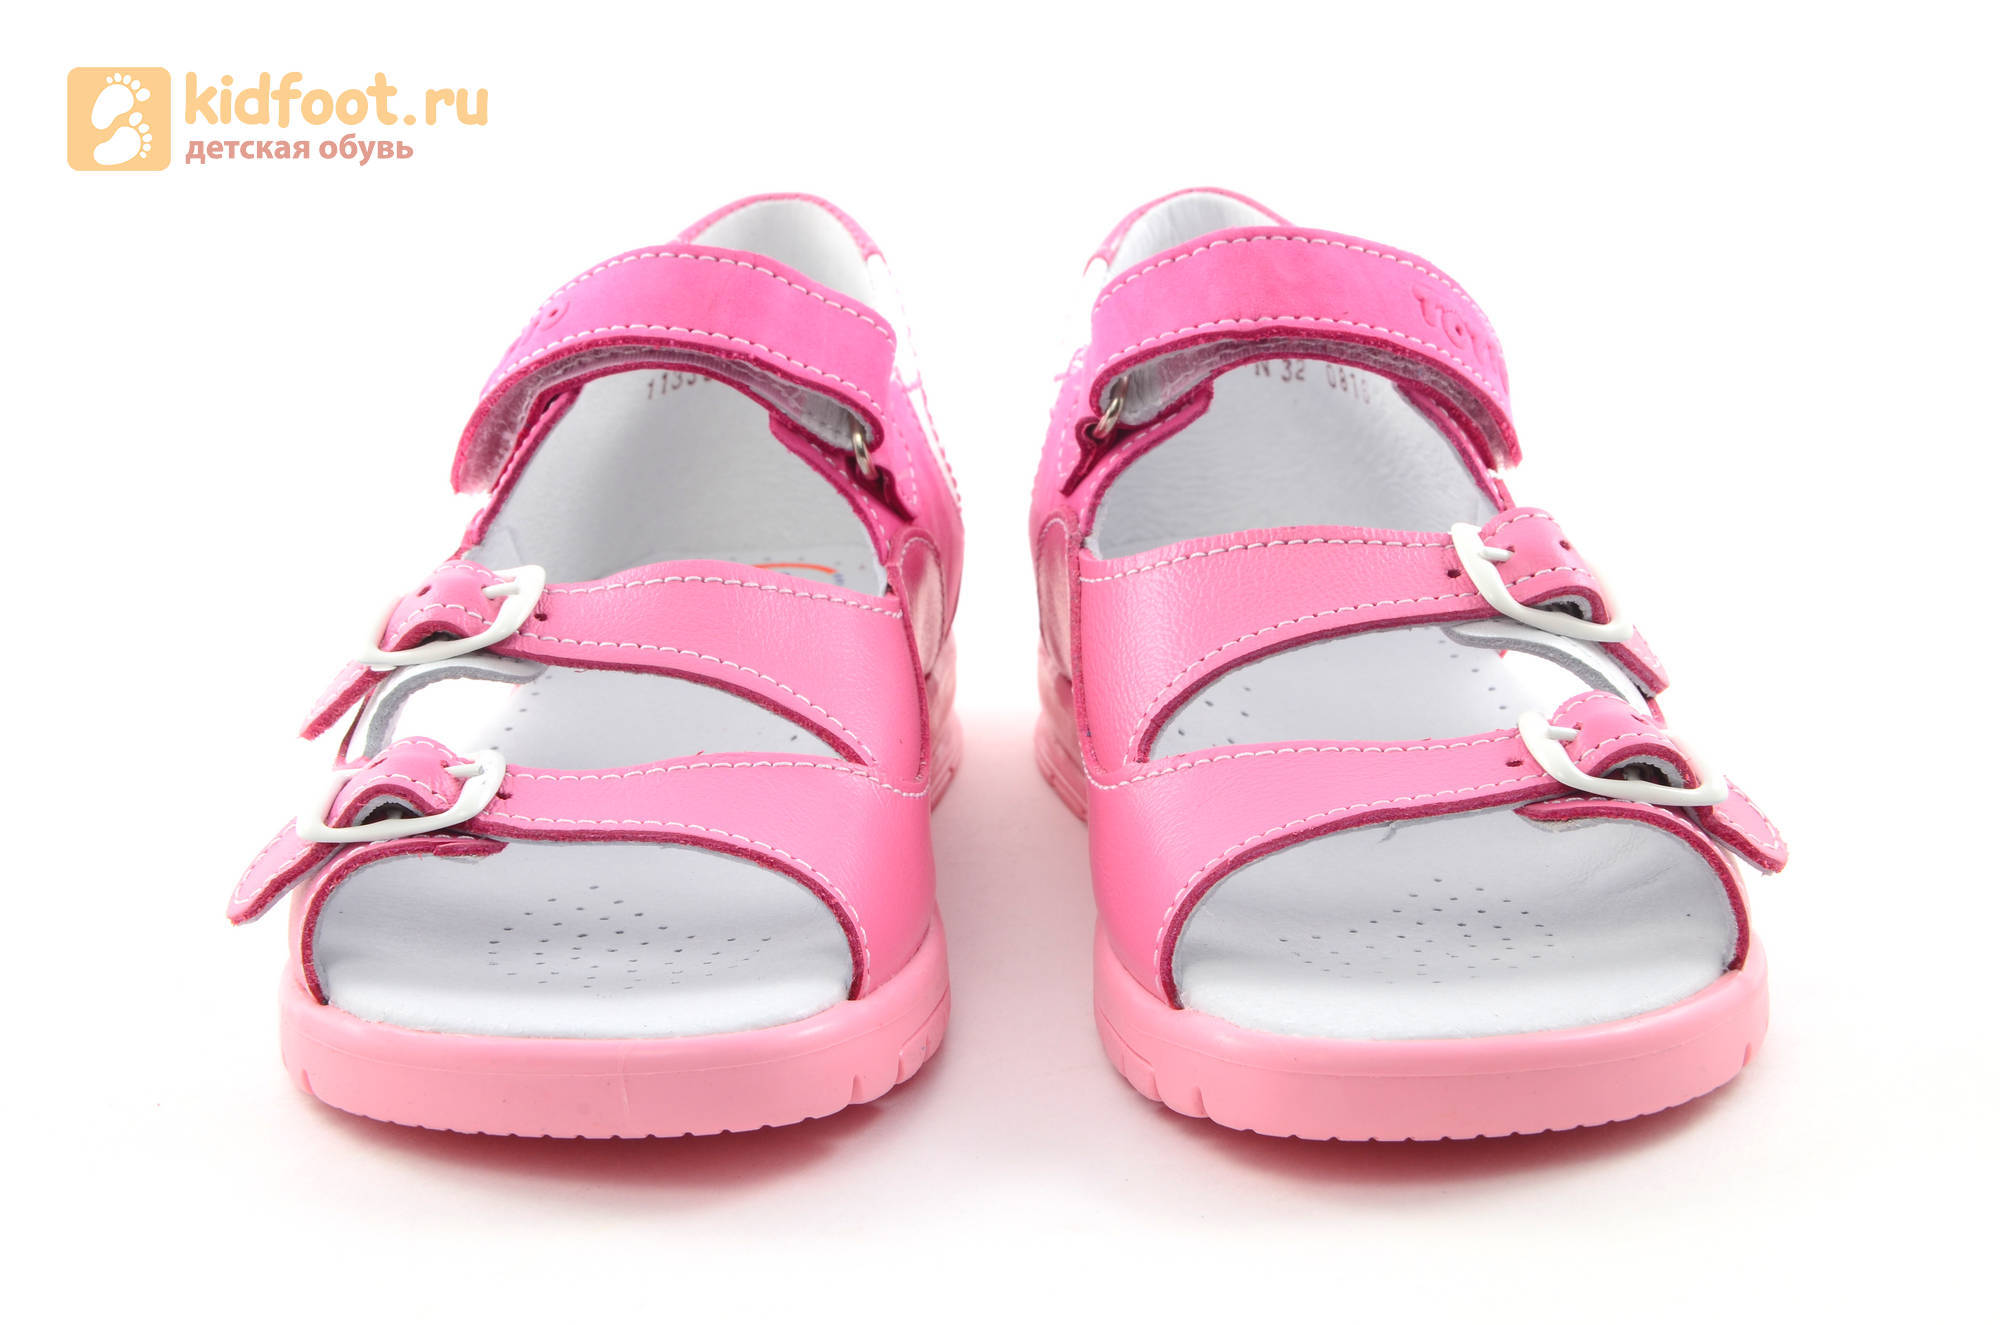 Босоножки для девочек из натуральной кожи с открытым носом на липучке Тотто, цвет розовый